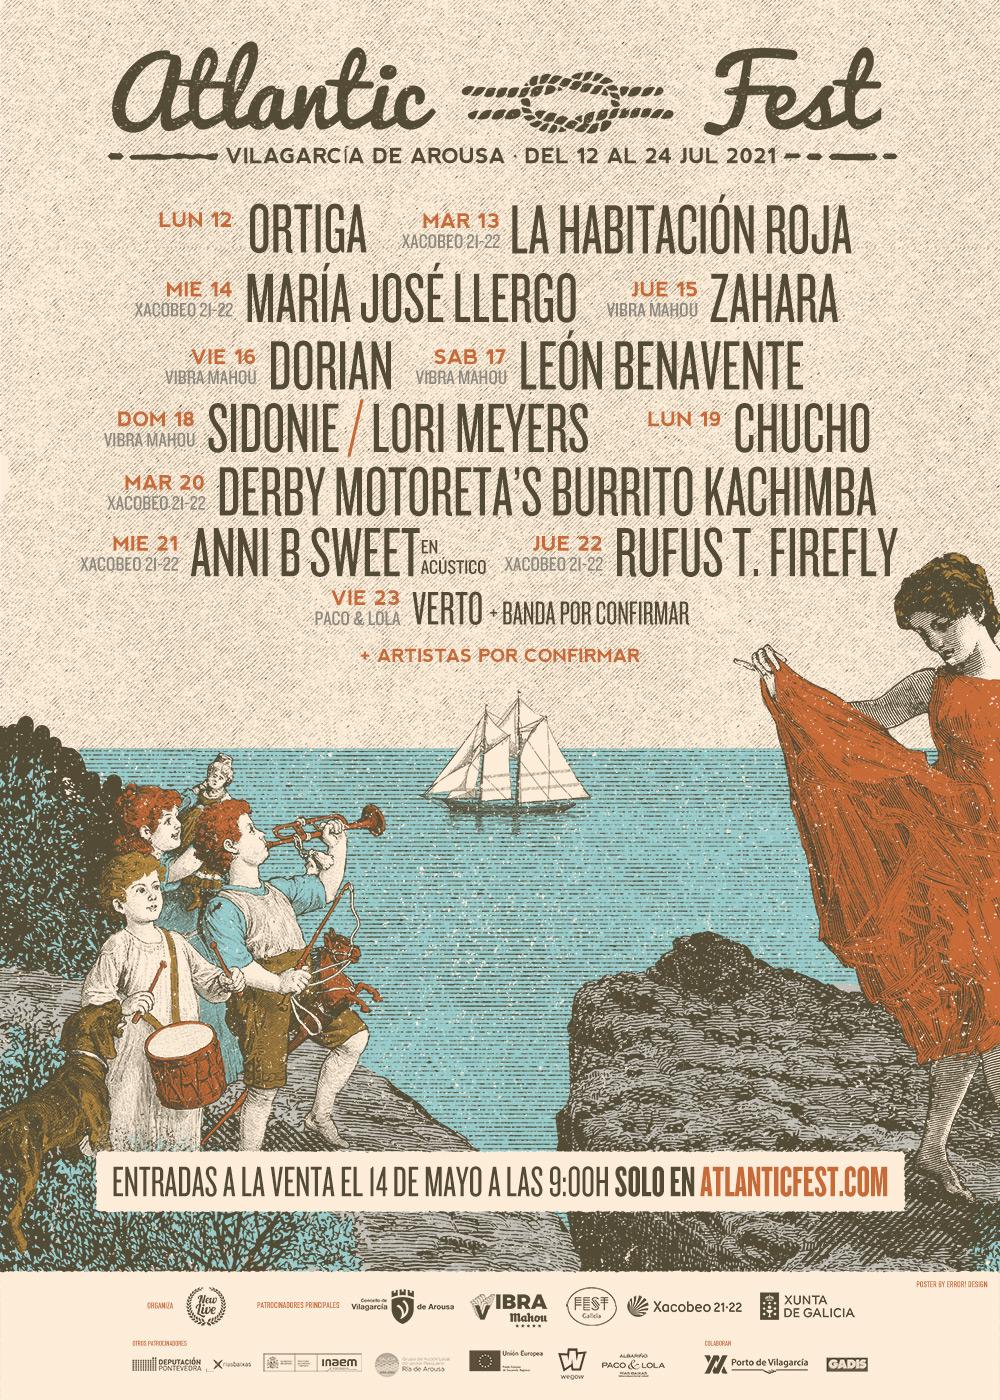 O festival encherá Vilagarcía de música con 18 bandas en varios escenarios espallados pola cidadeO Atlantic Fest 2021 convértese nunha programación de 12 días de concertos